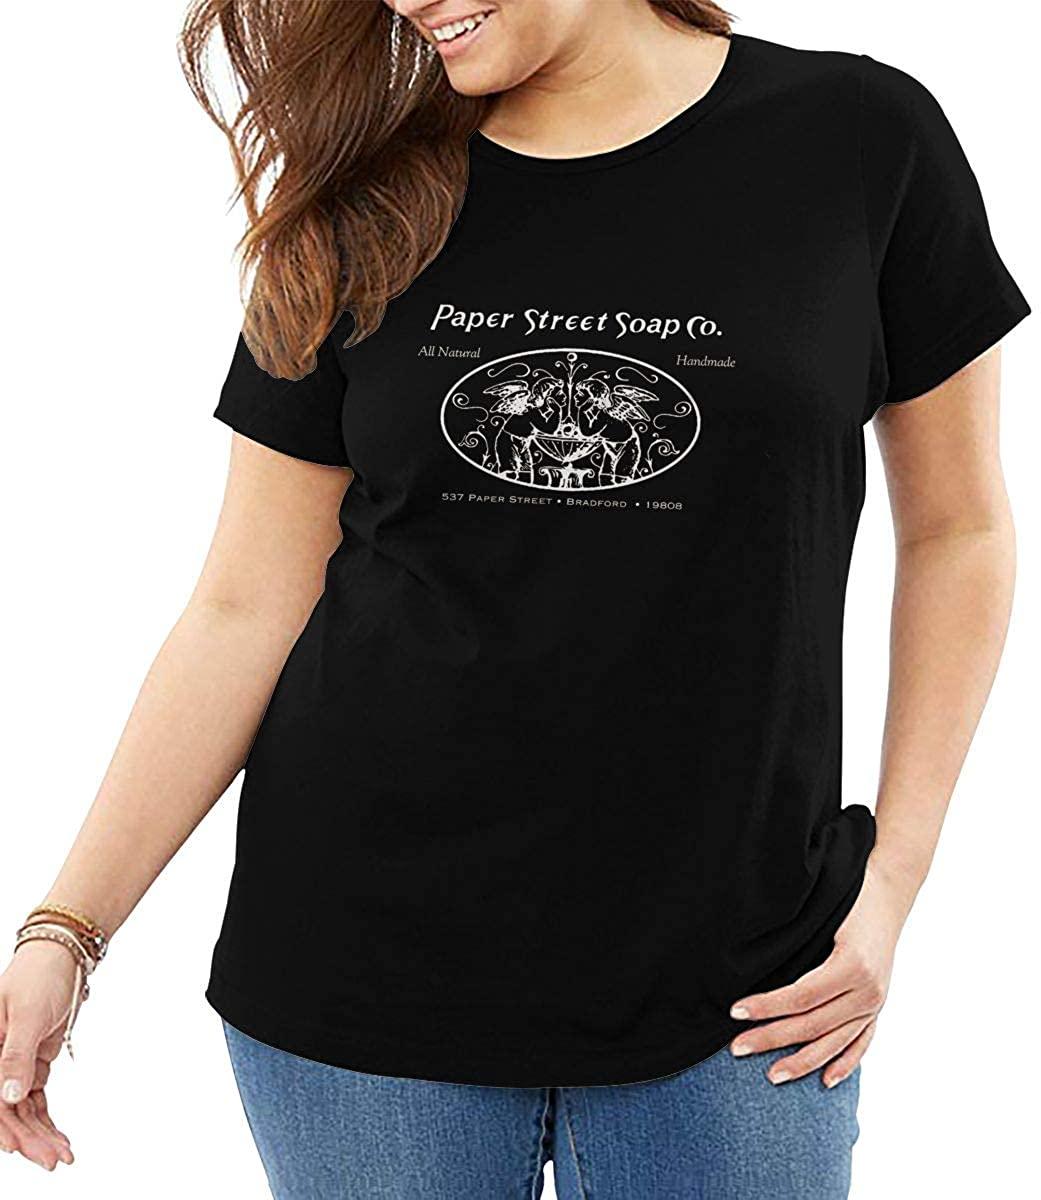 Paper Street Soap Co Women's Plus Size Blouse Top Loose T-Shirt